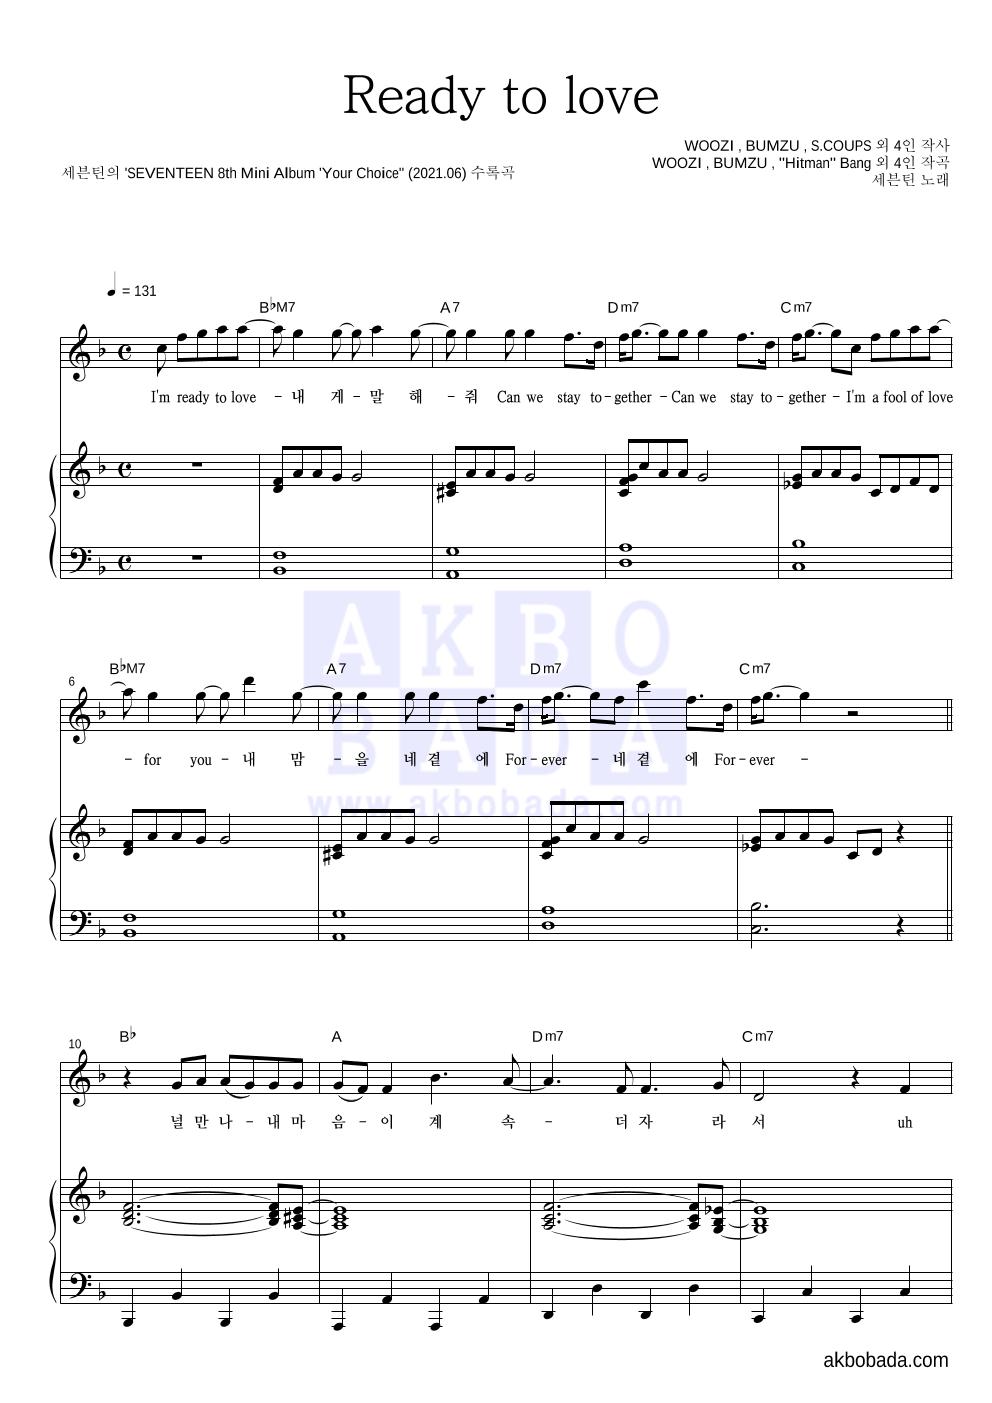 세븐틴 - Ready to love 피아노 3단 악보